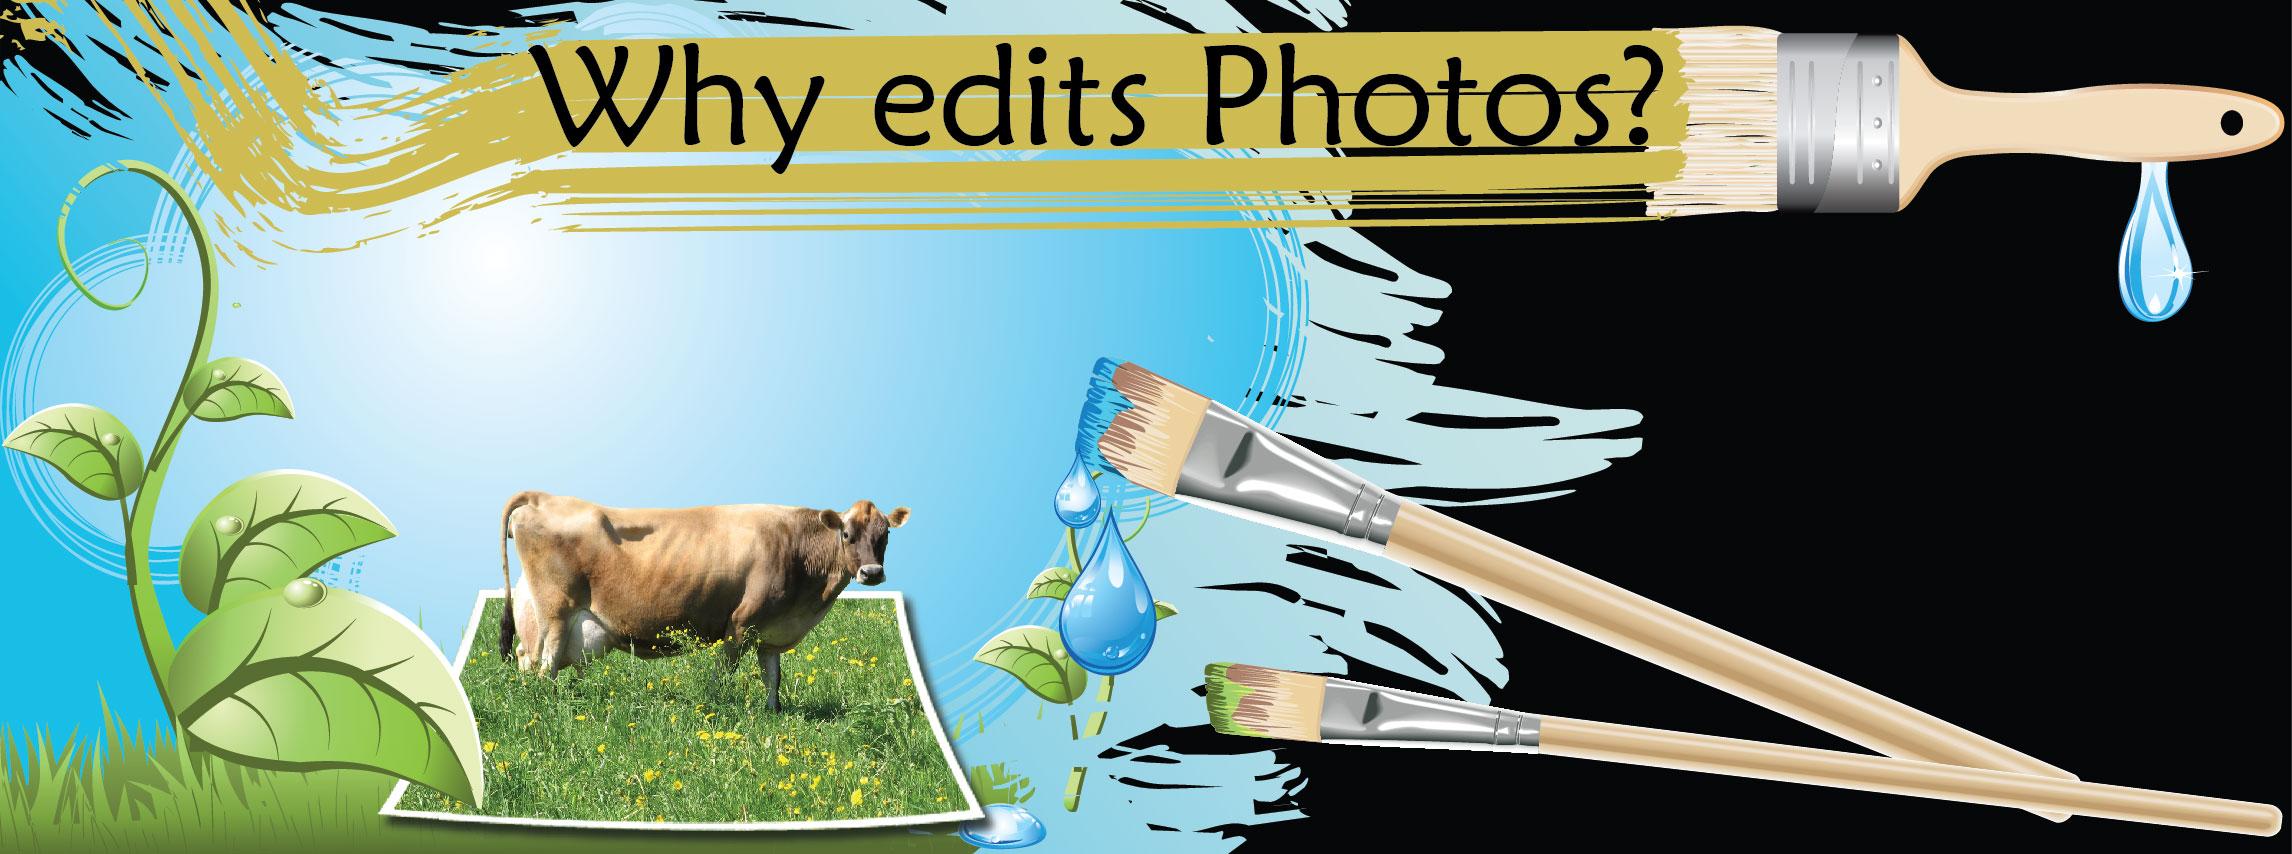 Why edit photos